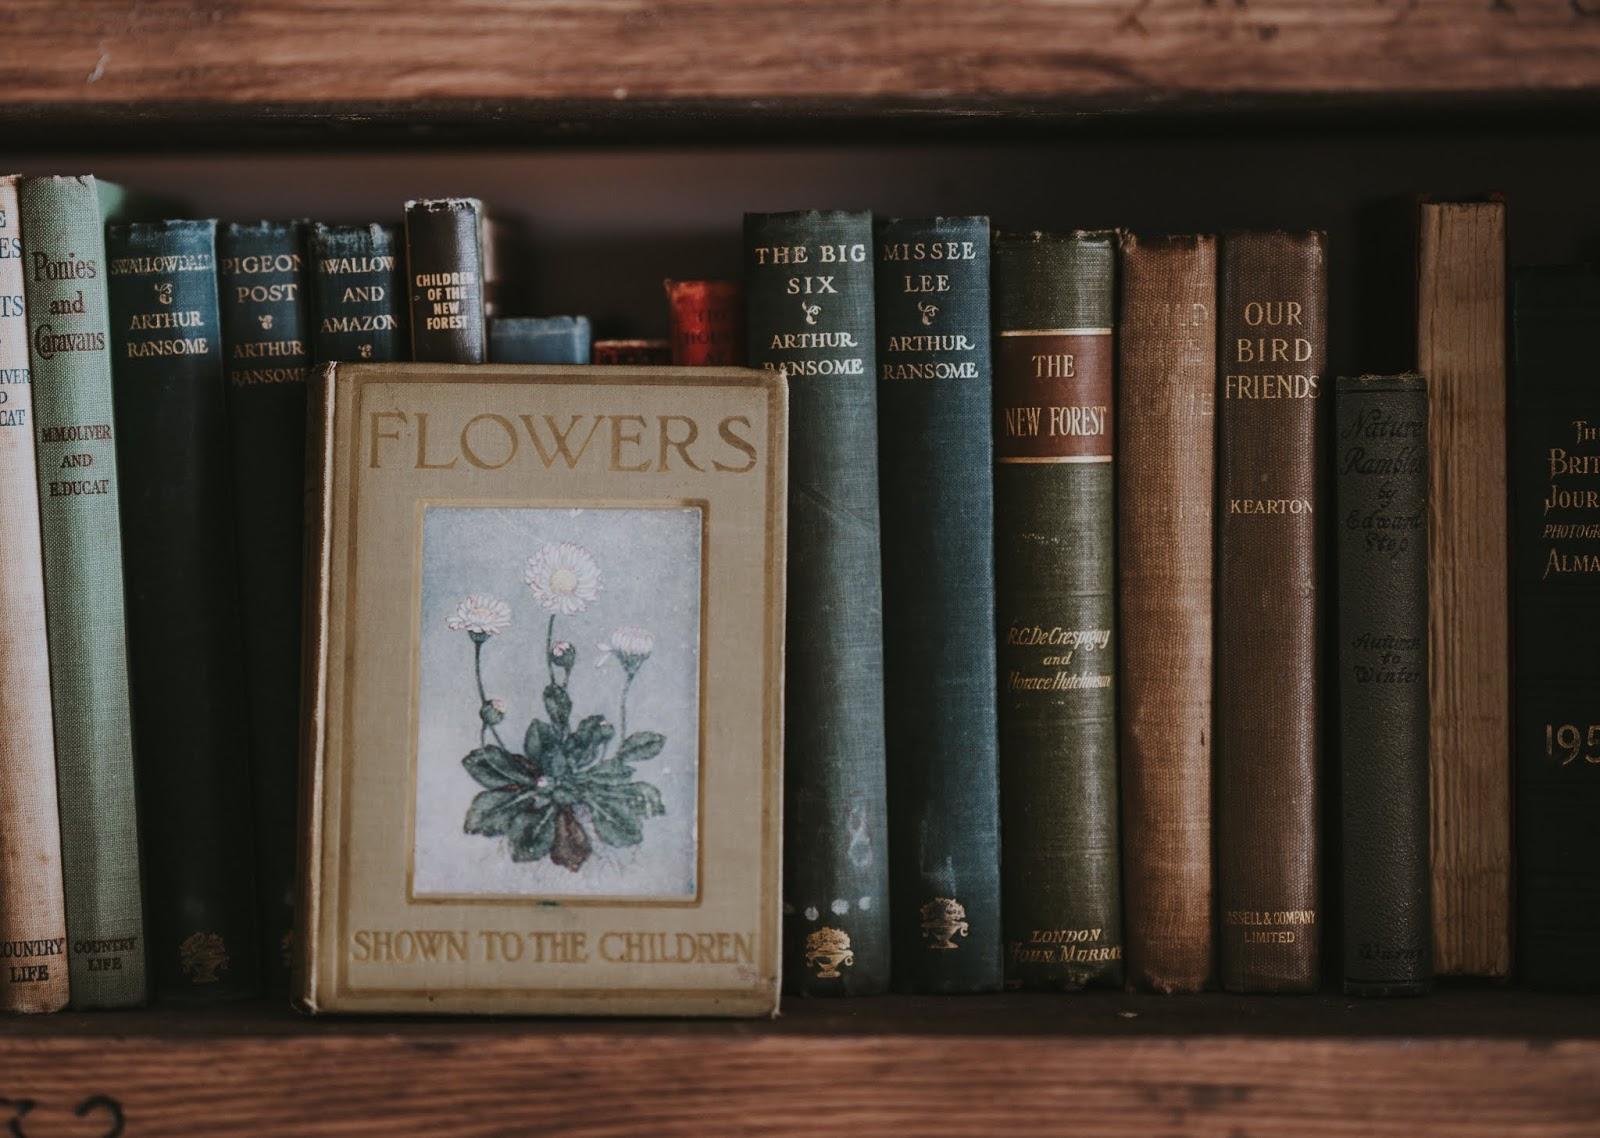 Livros que falam sobre TDI - Transtorno Dissociativo de Identidade